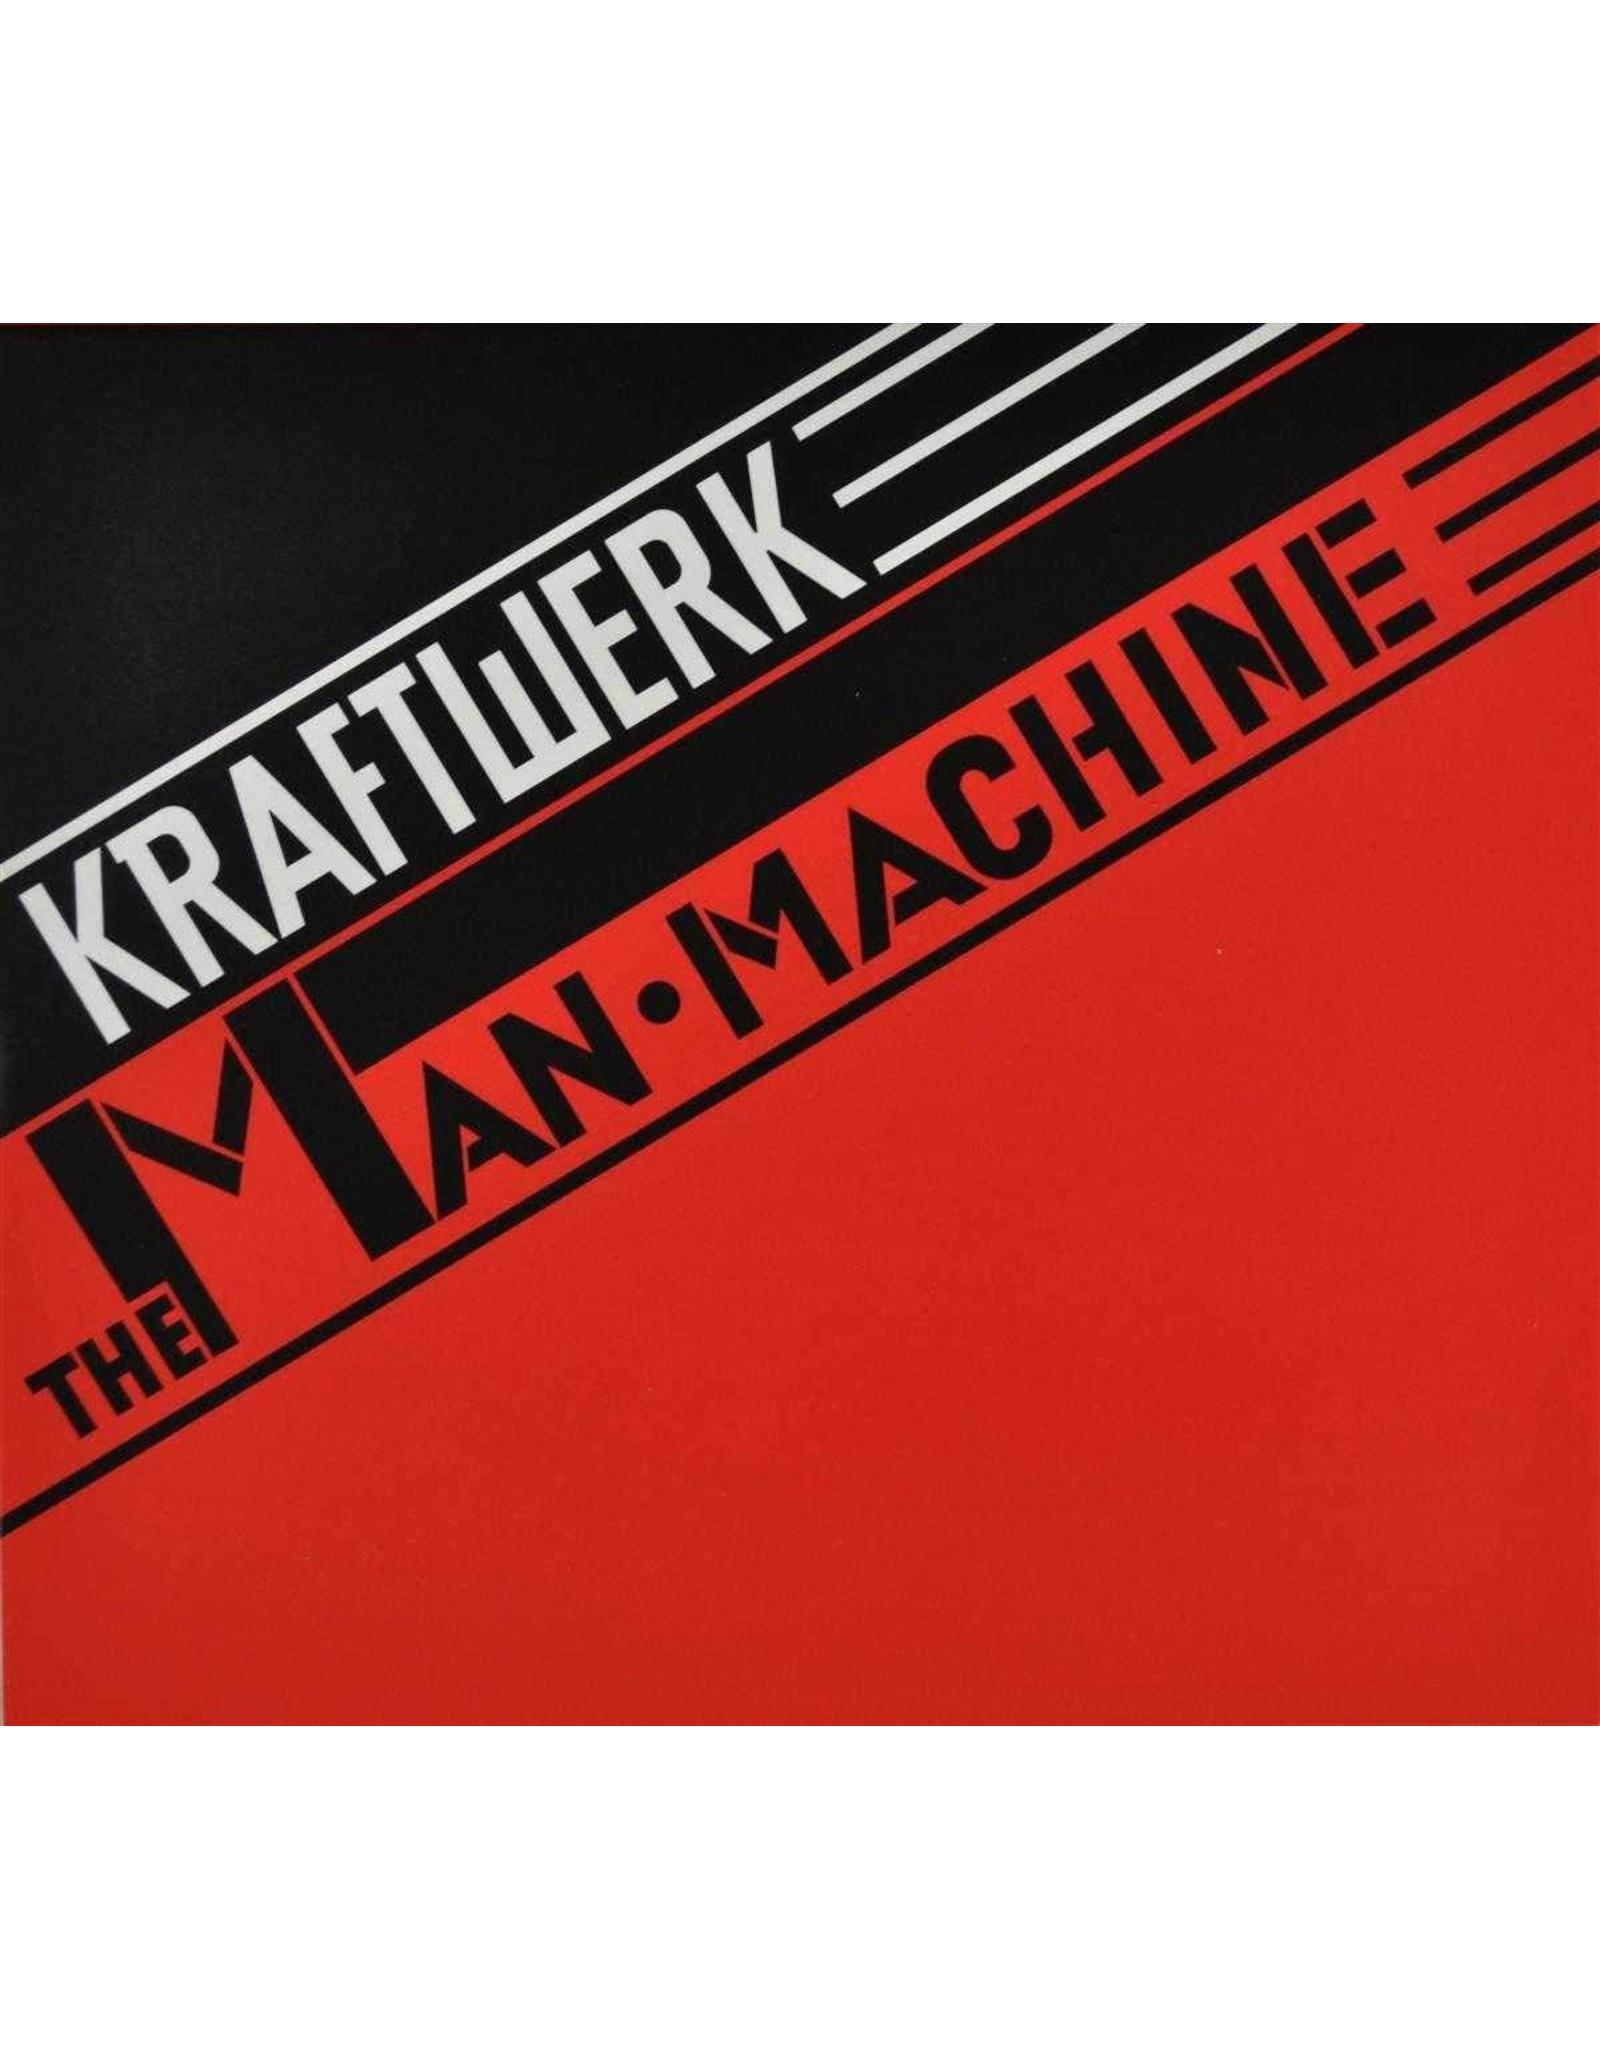 Kraftwerk - The Man Machine (Red) LP